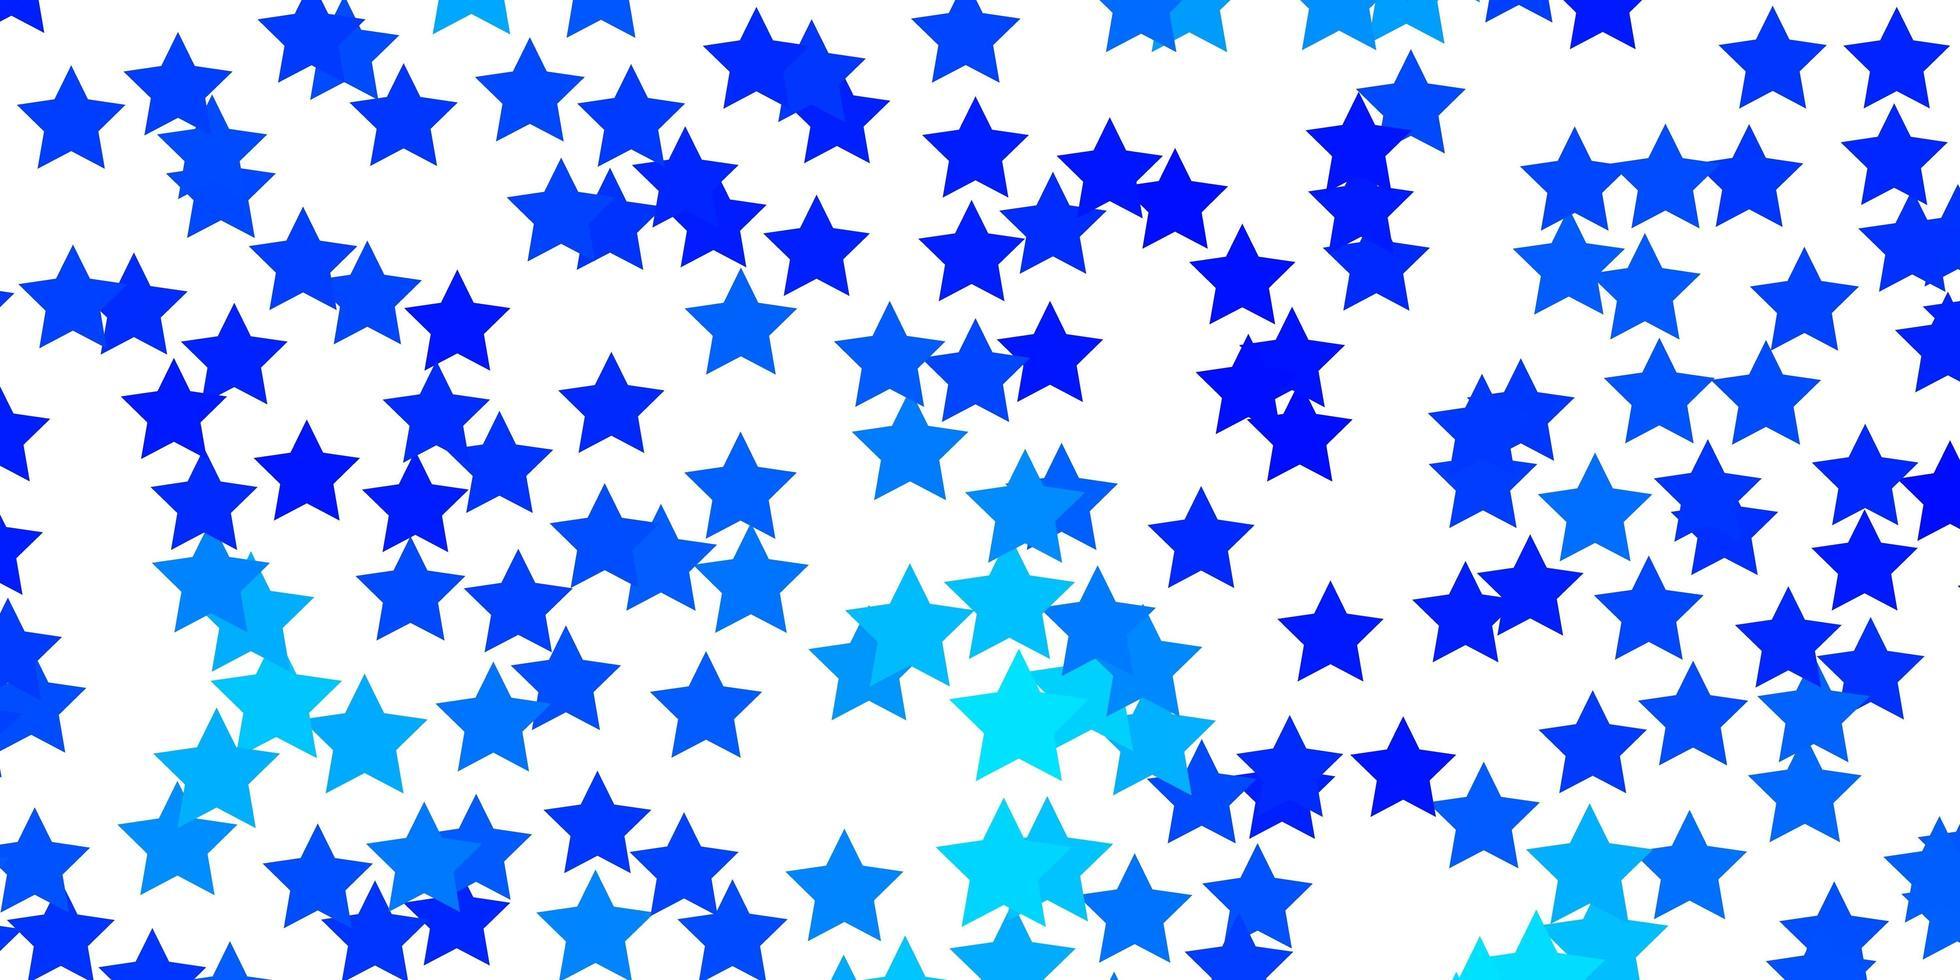 fundo vector azul claro com estrelas pequenas e grandes.